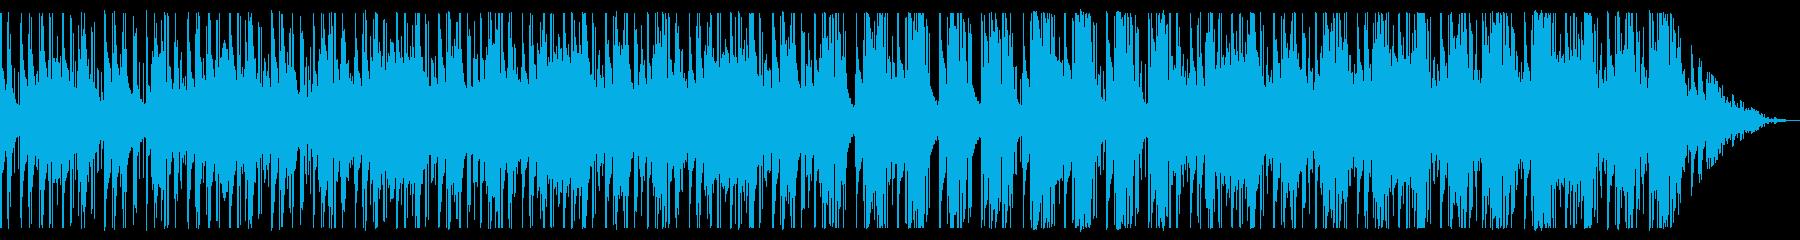 ローファイヒップポップ_No587_1の再生済みの波形